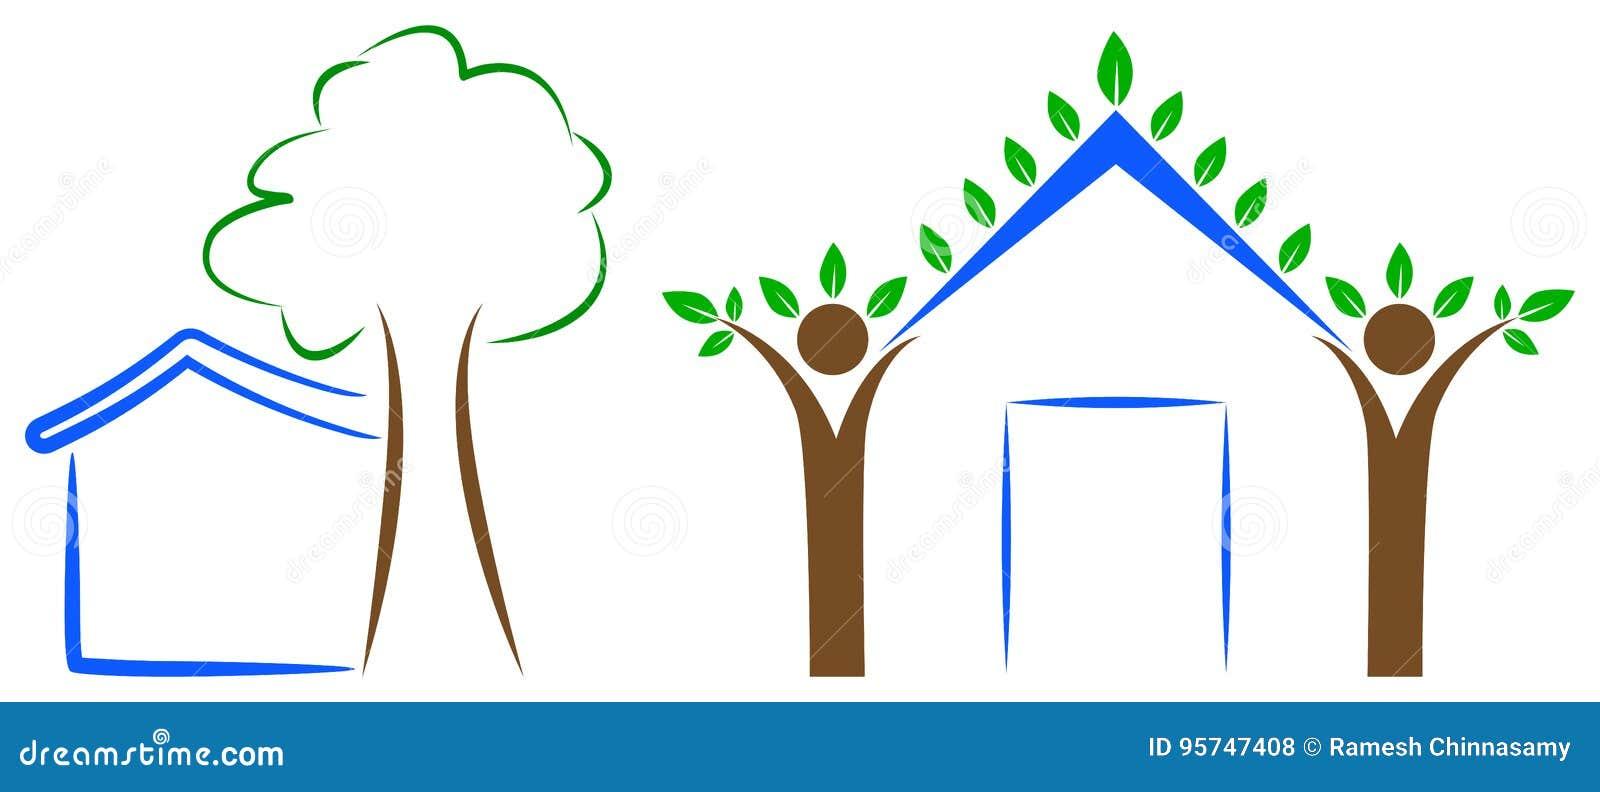 Домашний логотип дерева